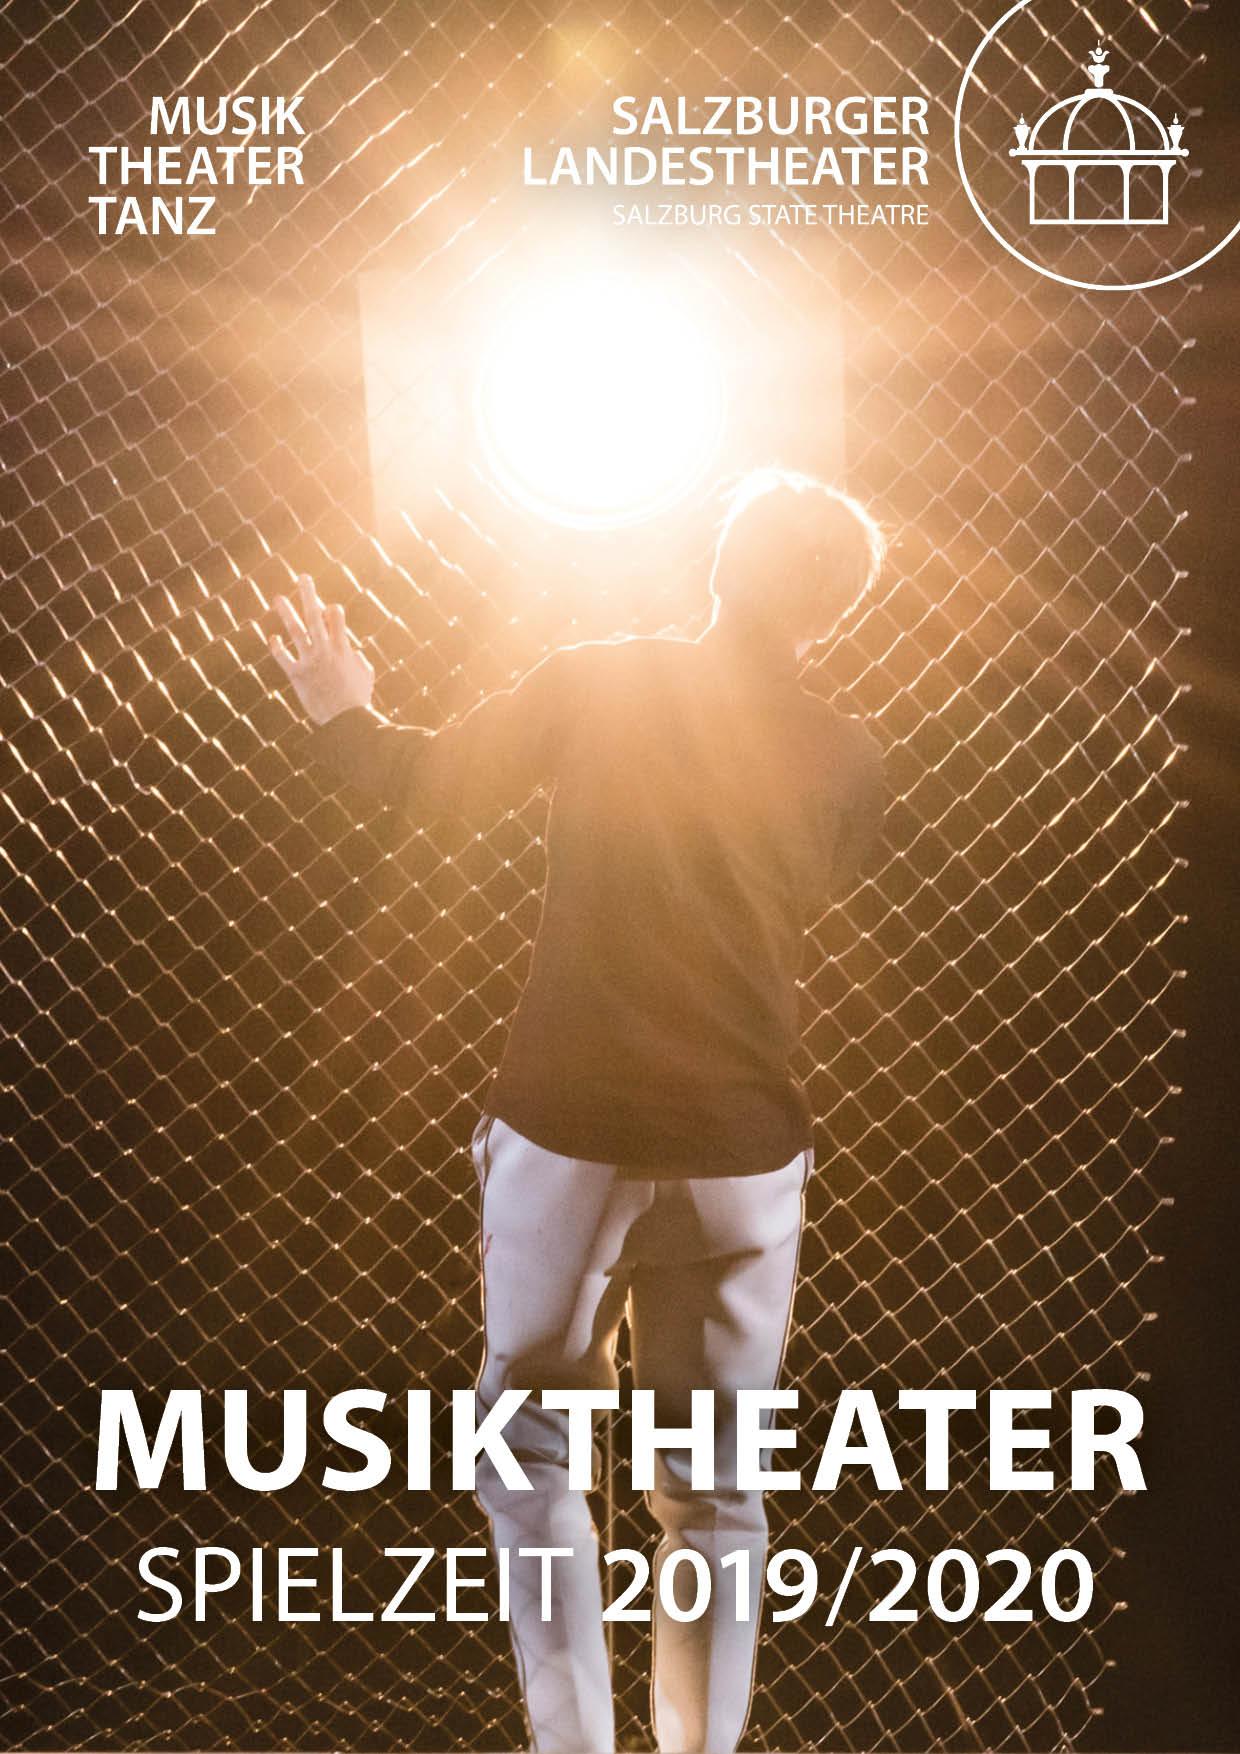 Musiktheater 2019/2020